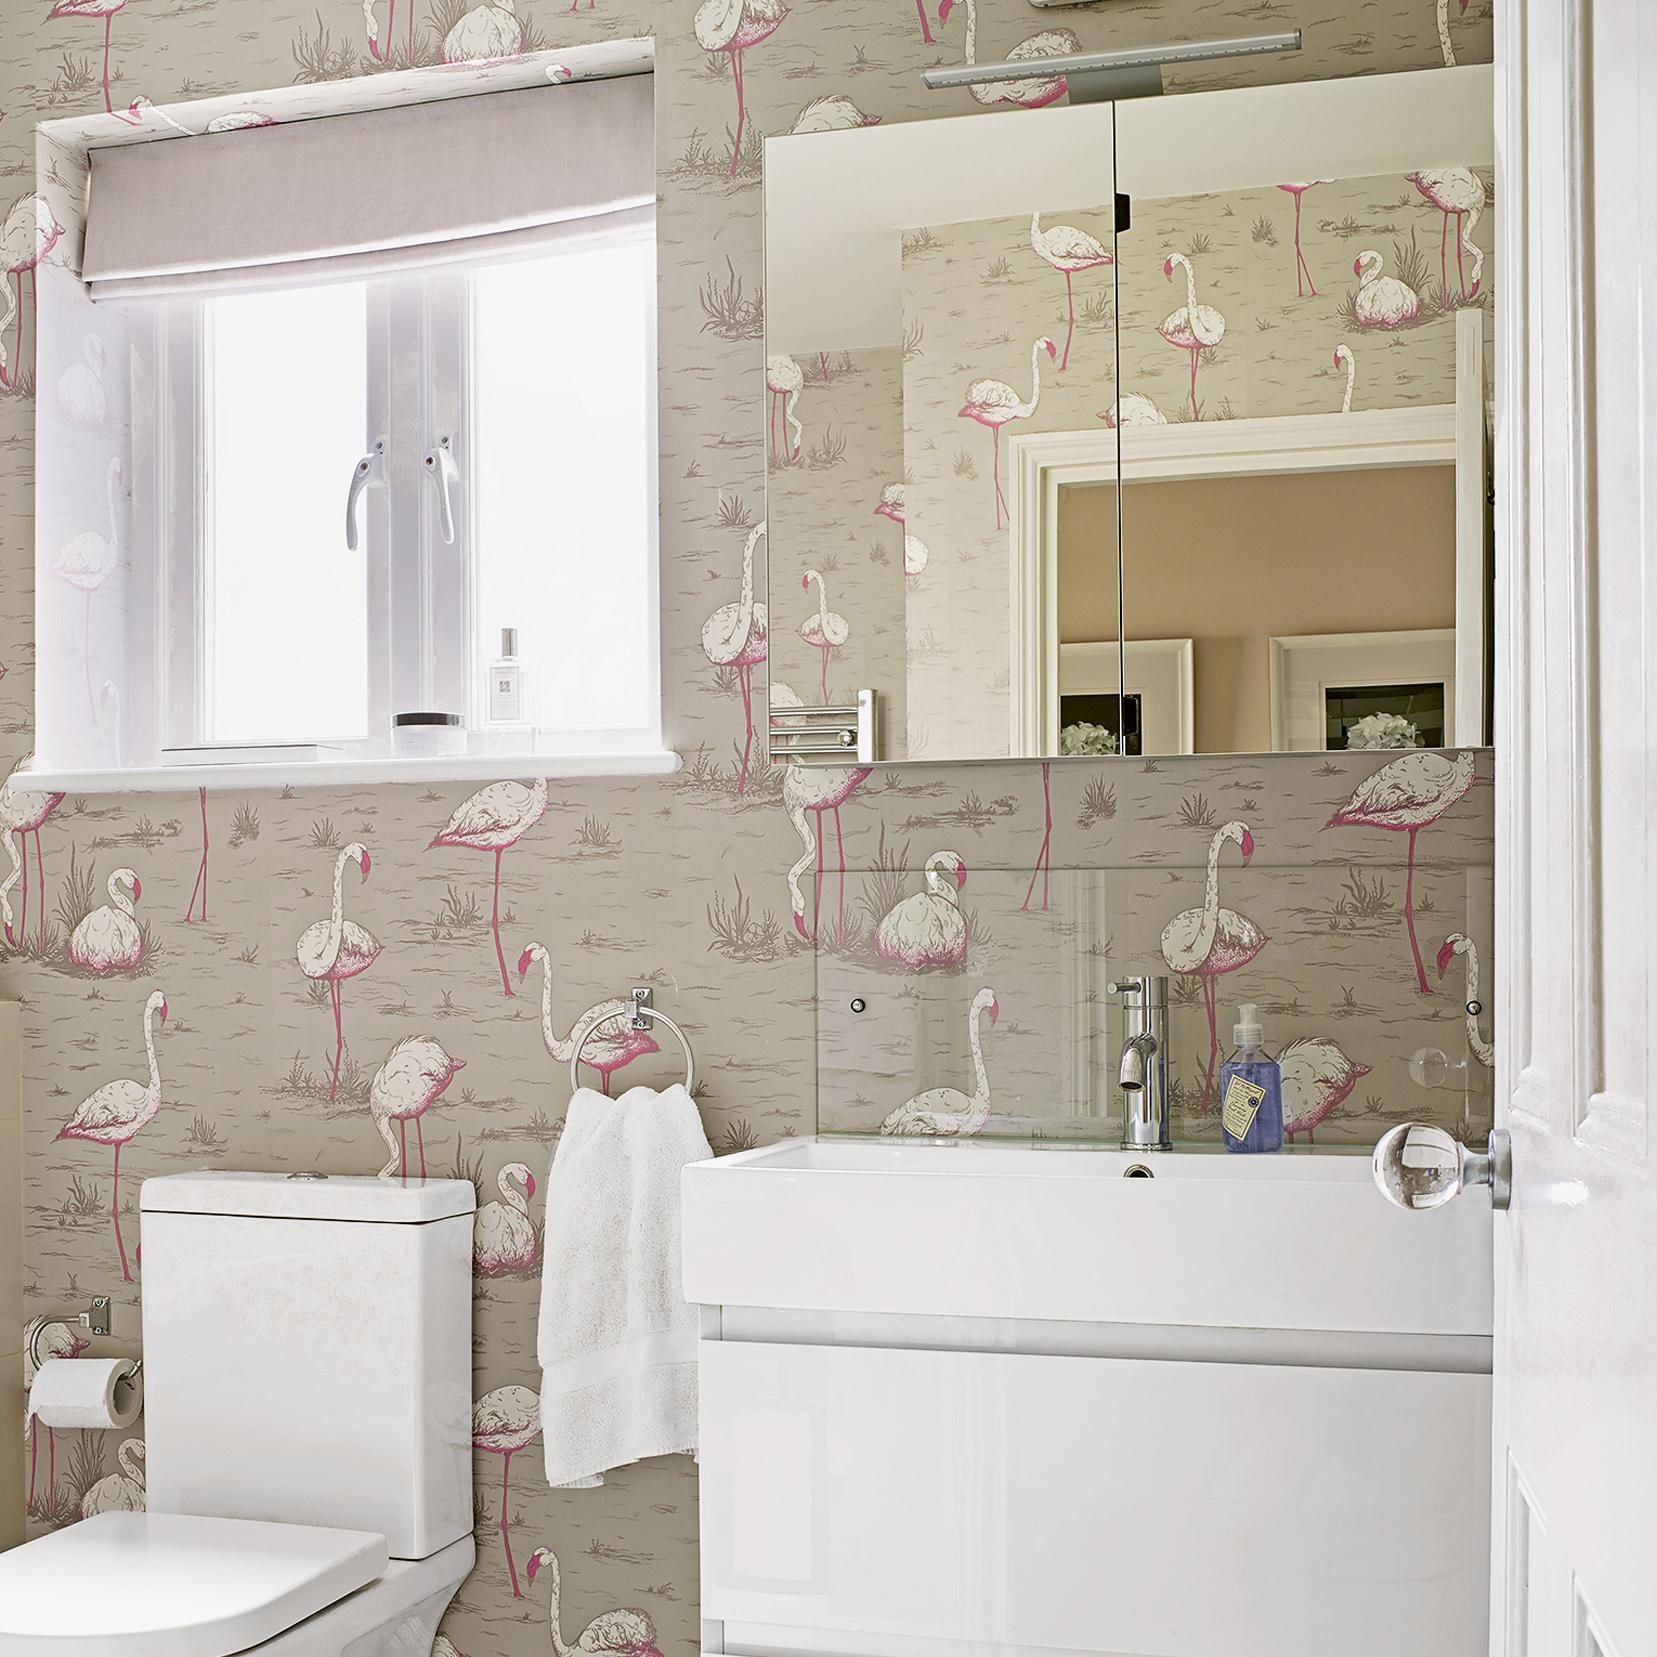 Идеи дизайна маленькой ванной с обоями